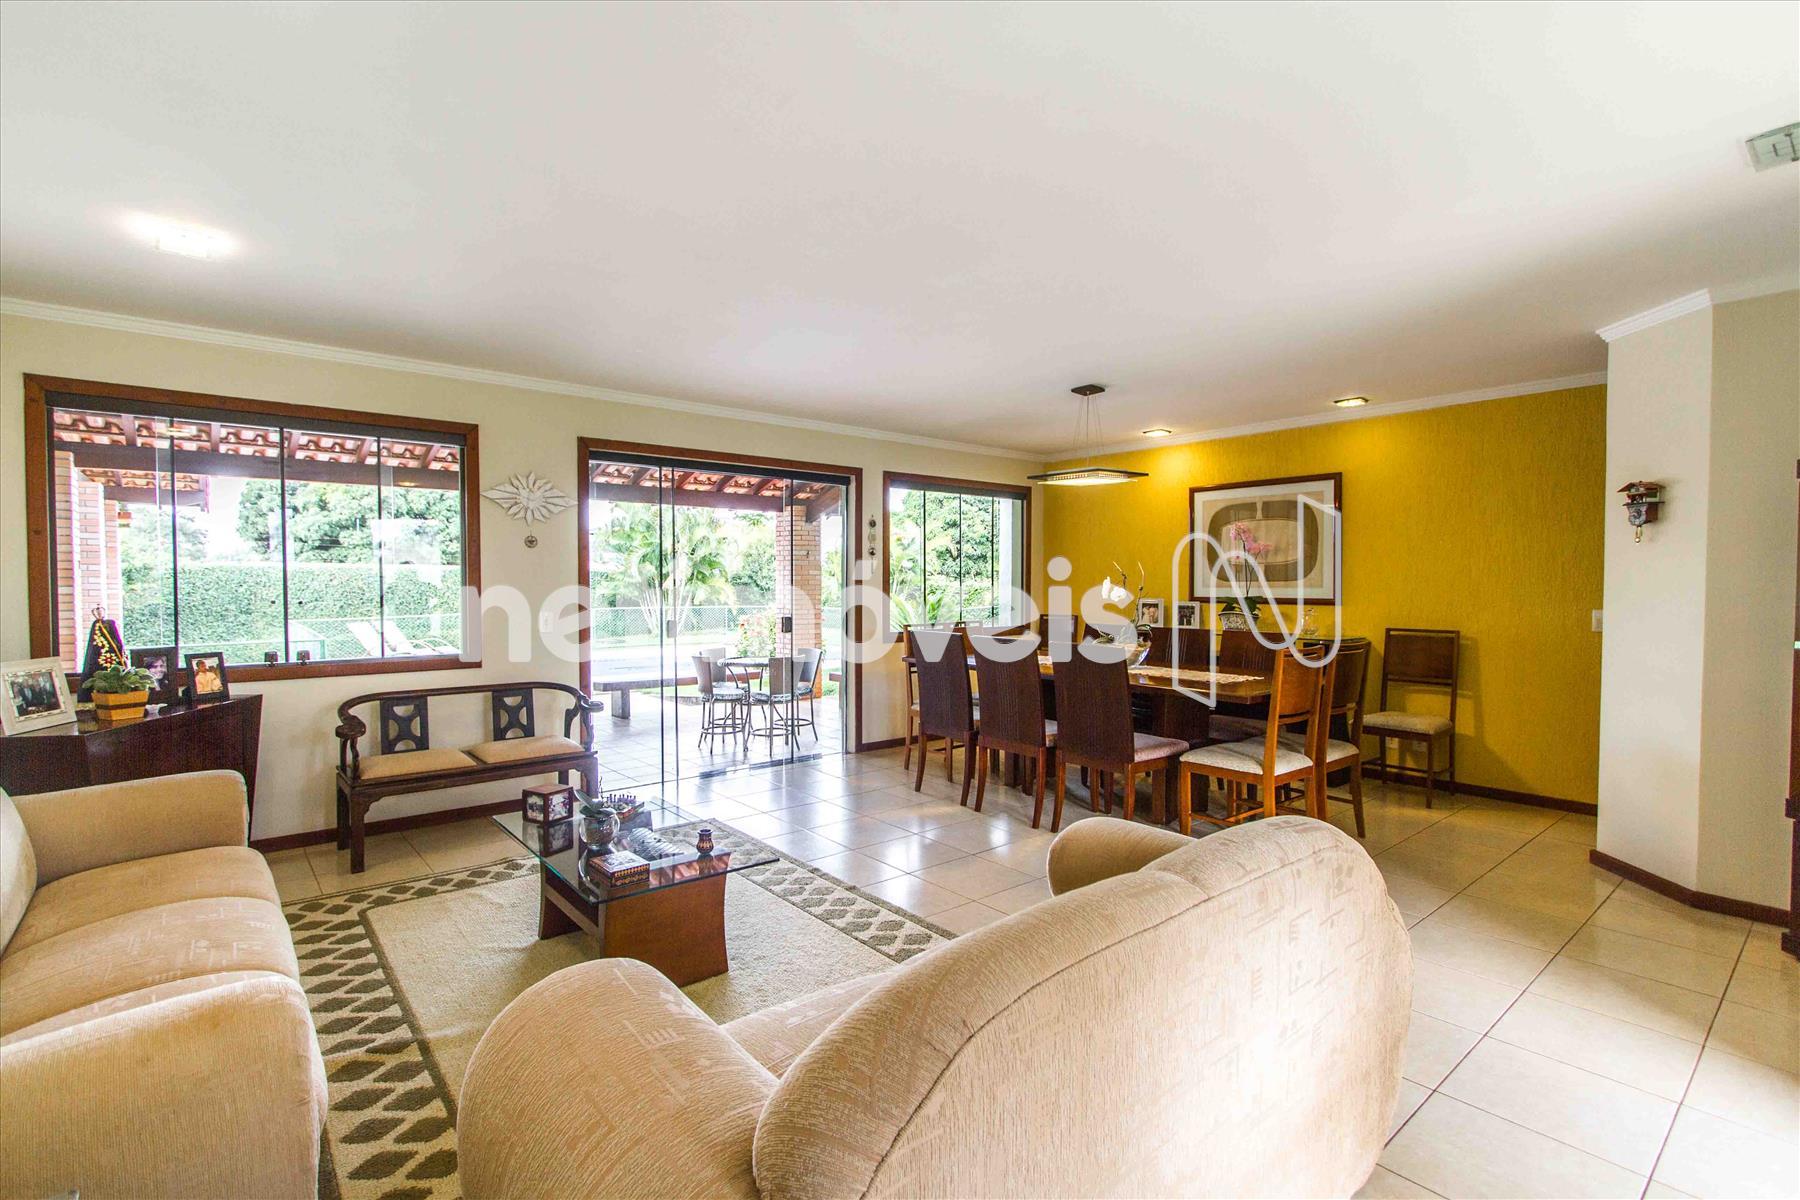 casa,casa em condomínio,distrito federal,park way,brasília,